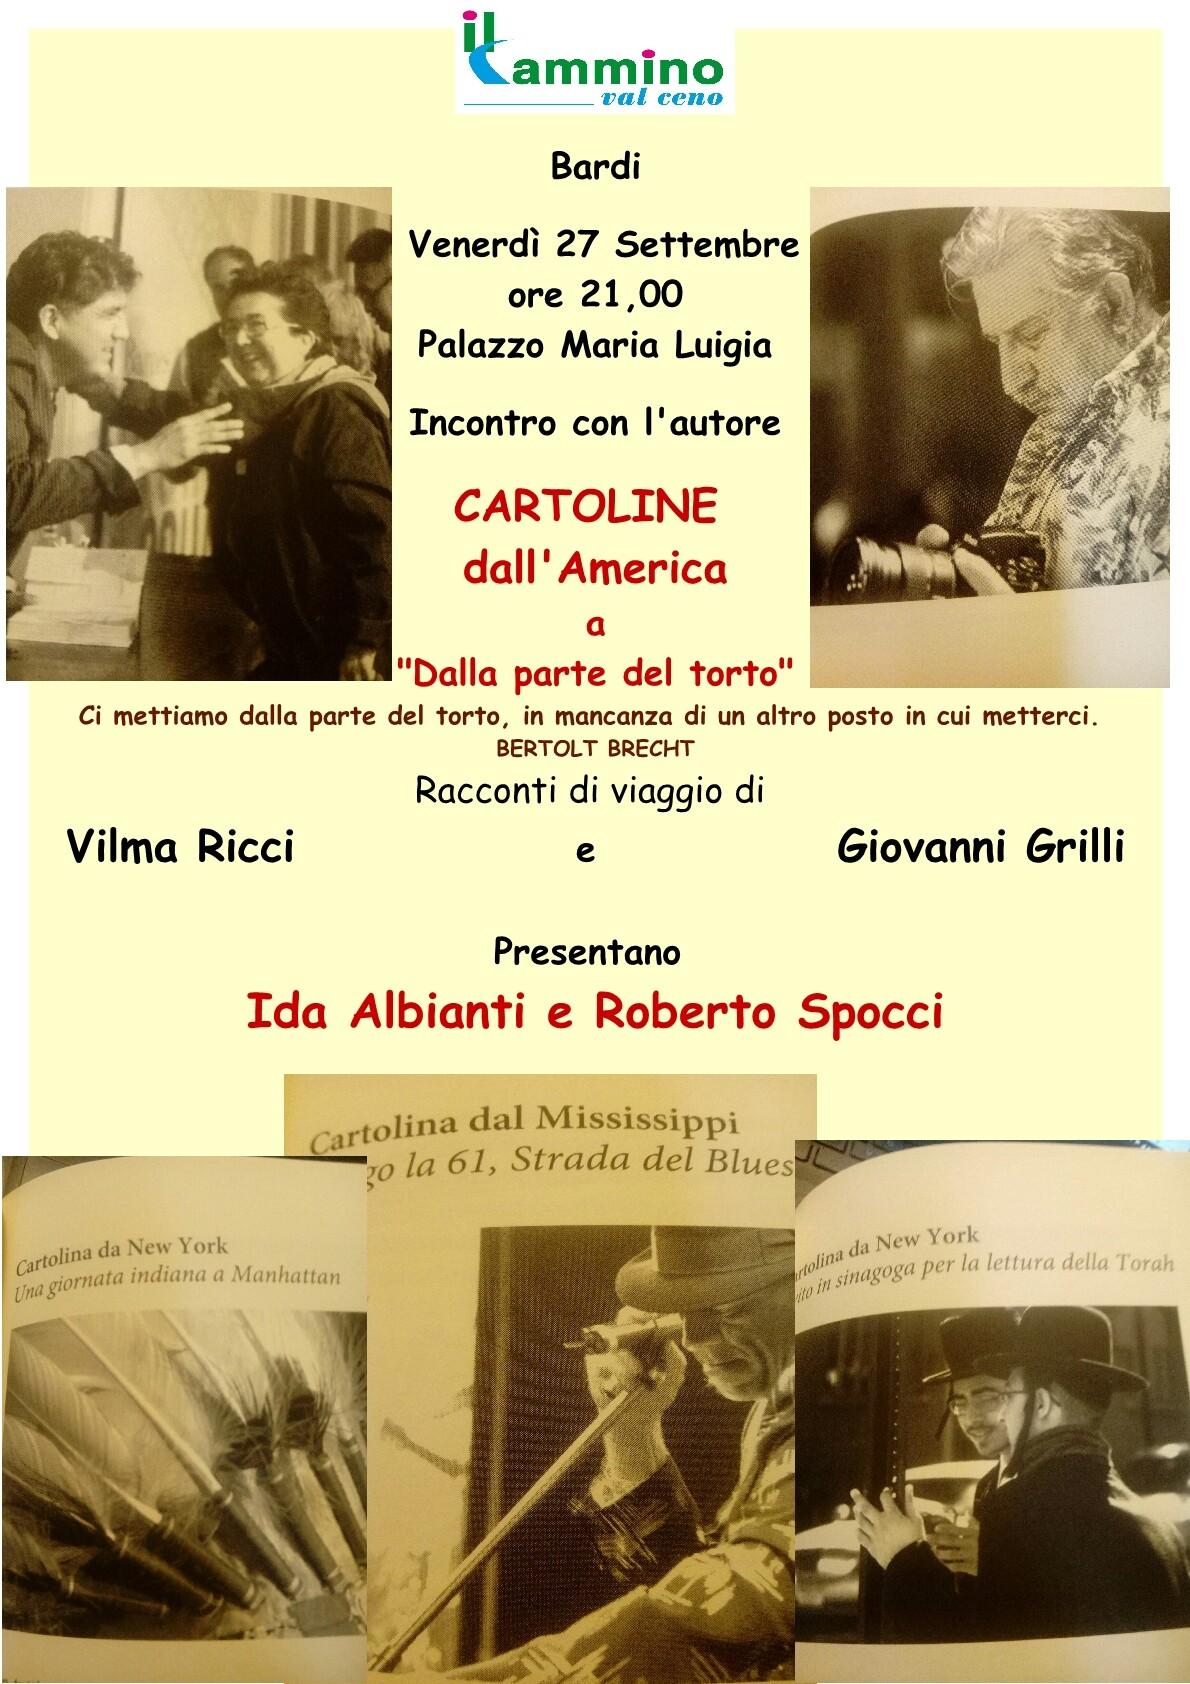 Ida Albianti e Roberto Spocci presentano il libro di Giovanni Grilli e Vilma Ricci sull'America